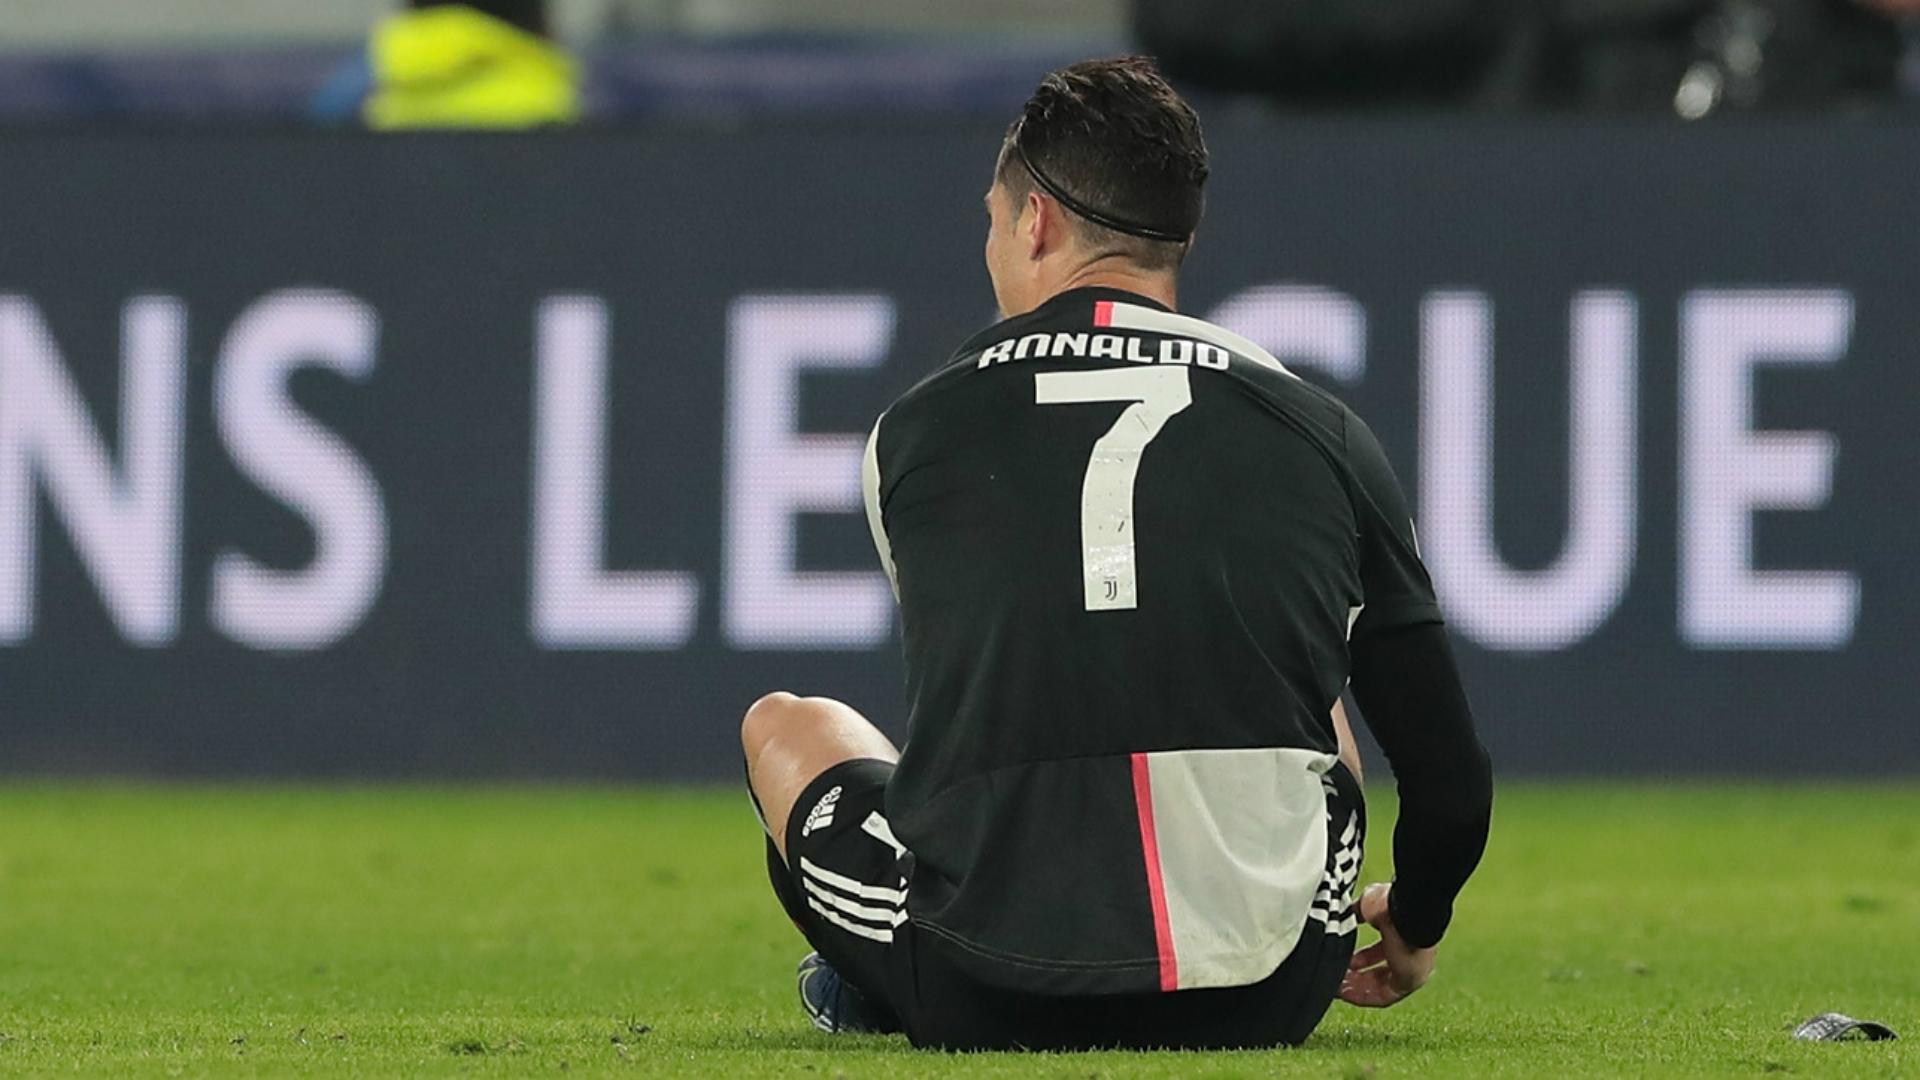 Sarri to discuss Ronaldo's knee pain with Juventus star